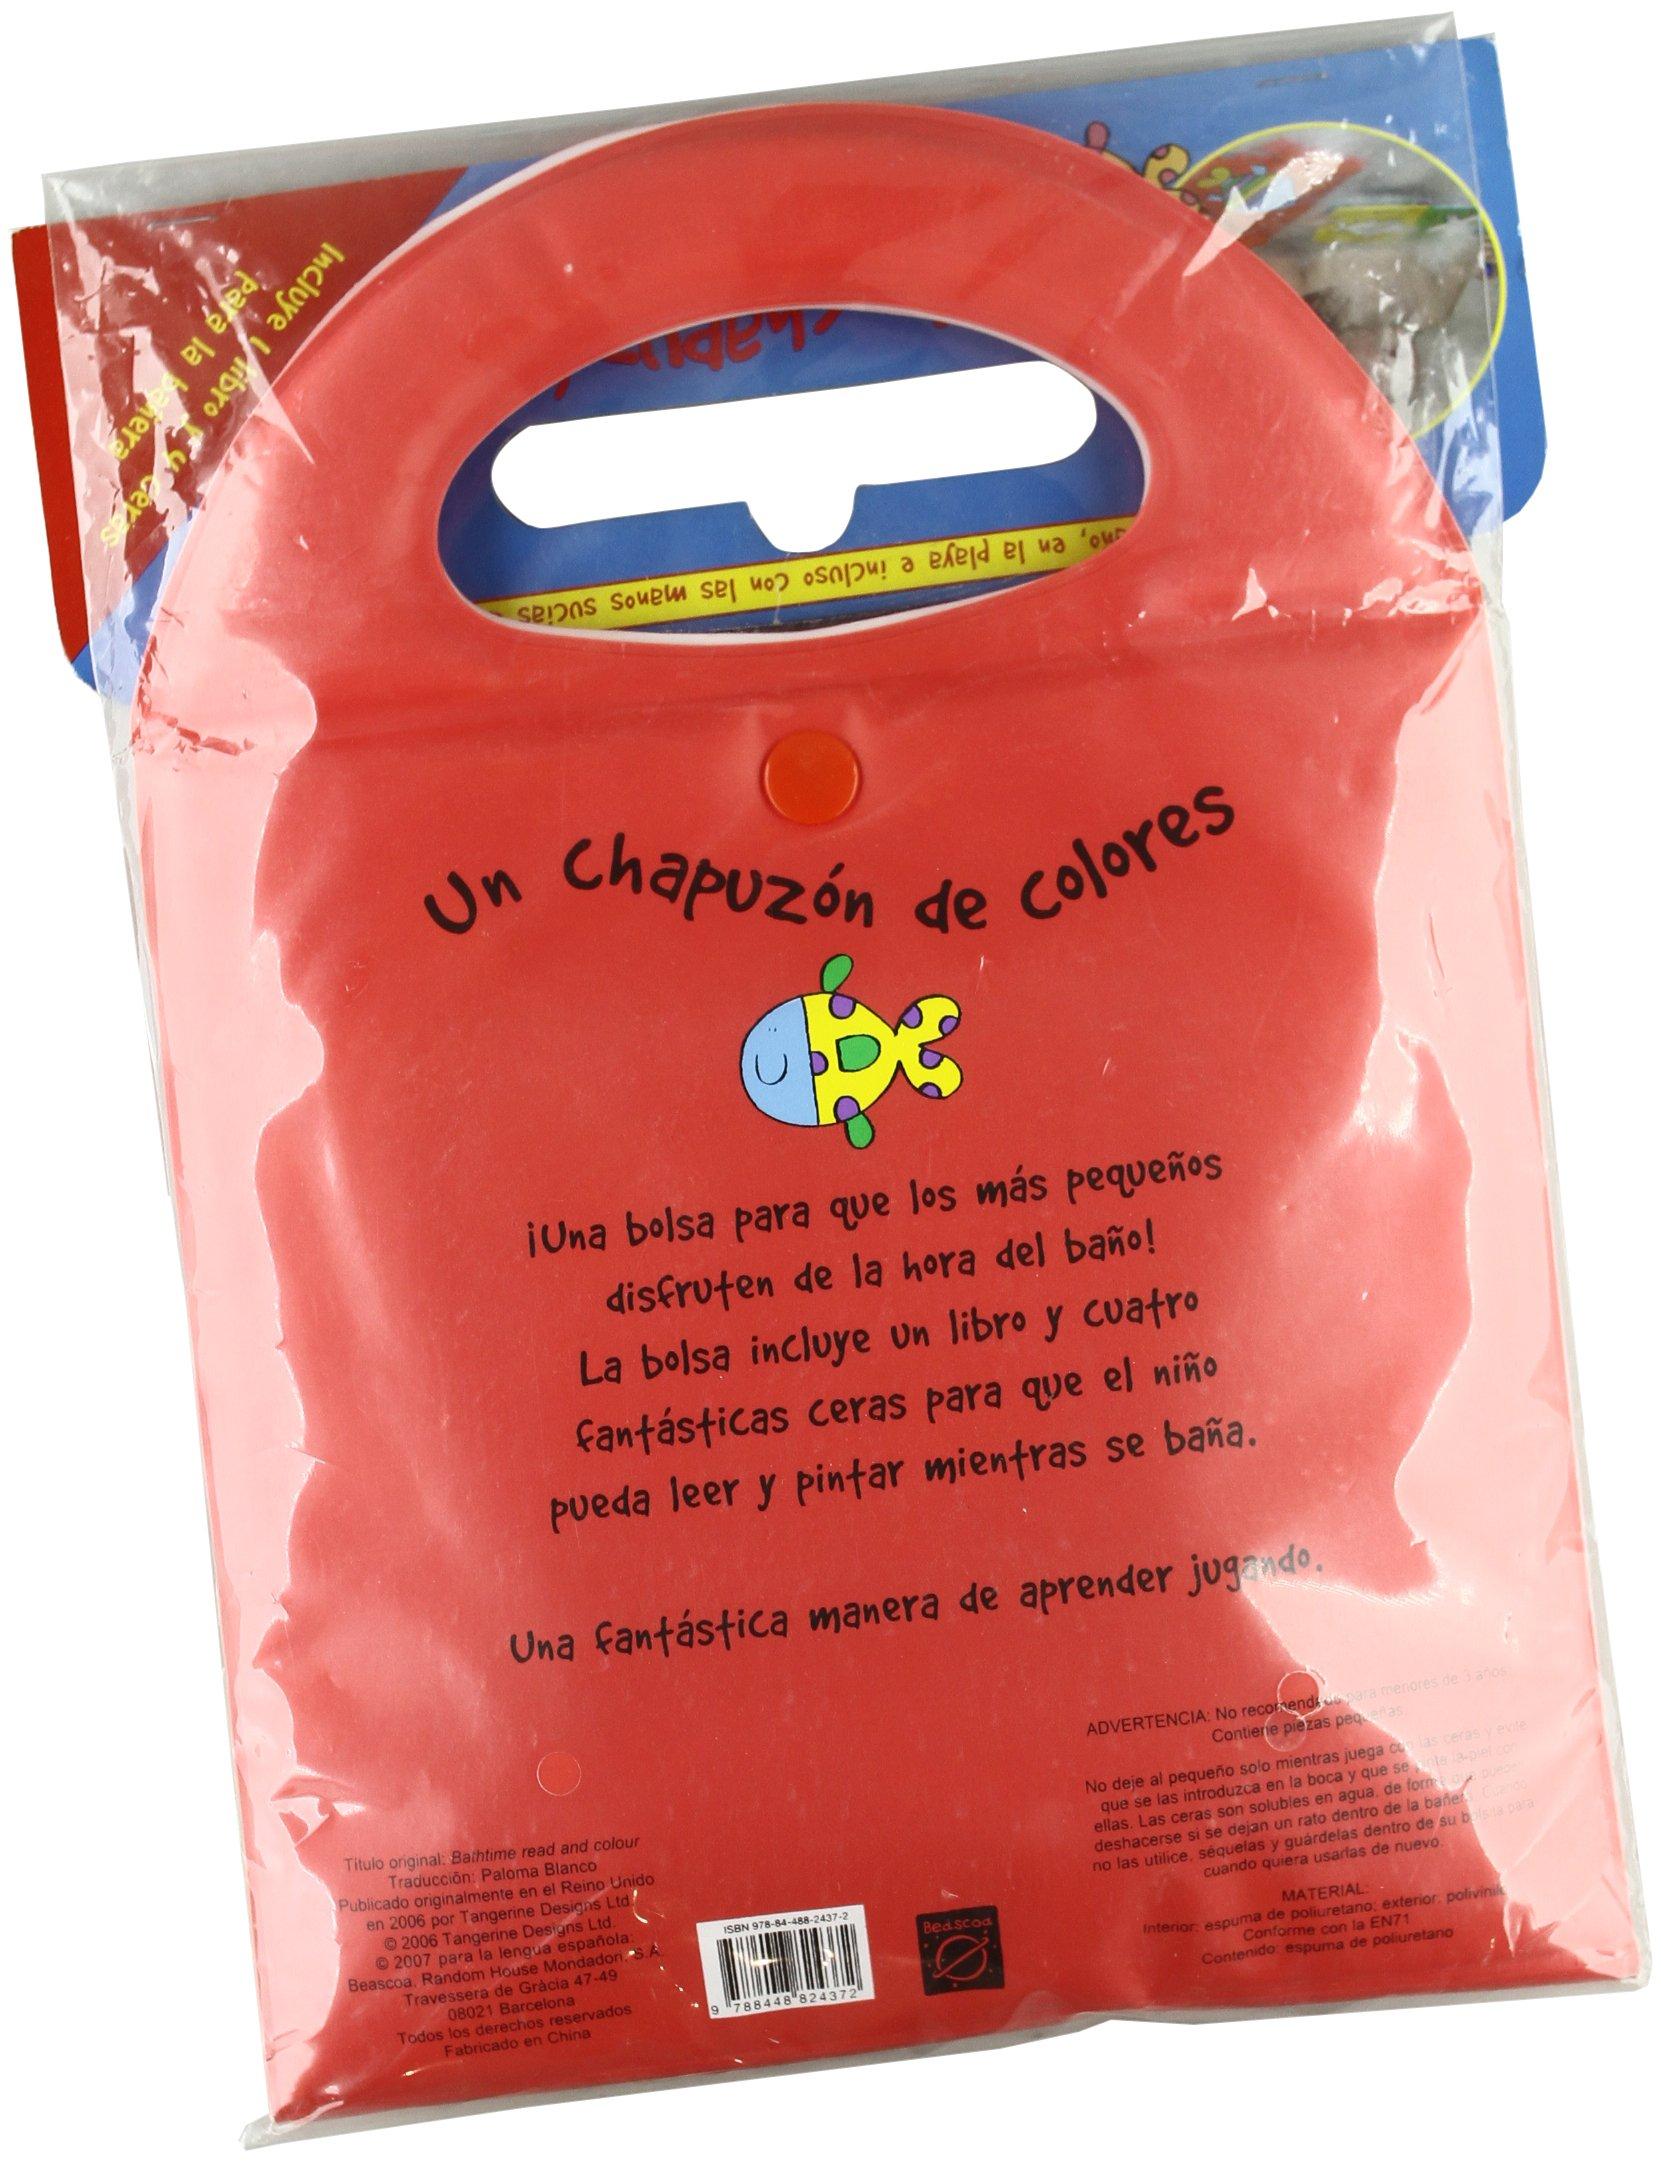 Un chapuzón de colores LIBROS PARA DENTRO Y FUERA DEL AGUA: Amazon.es: LTD. Tangerine Designs: Libros